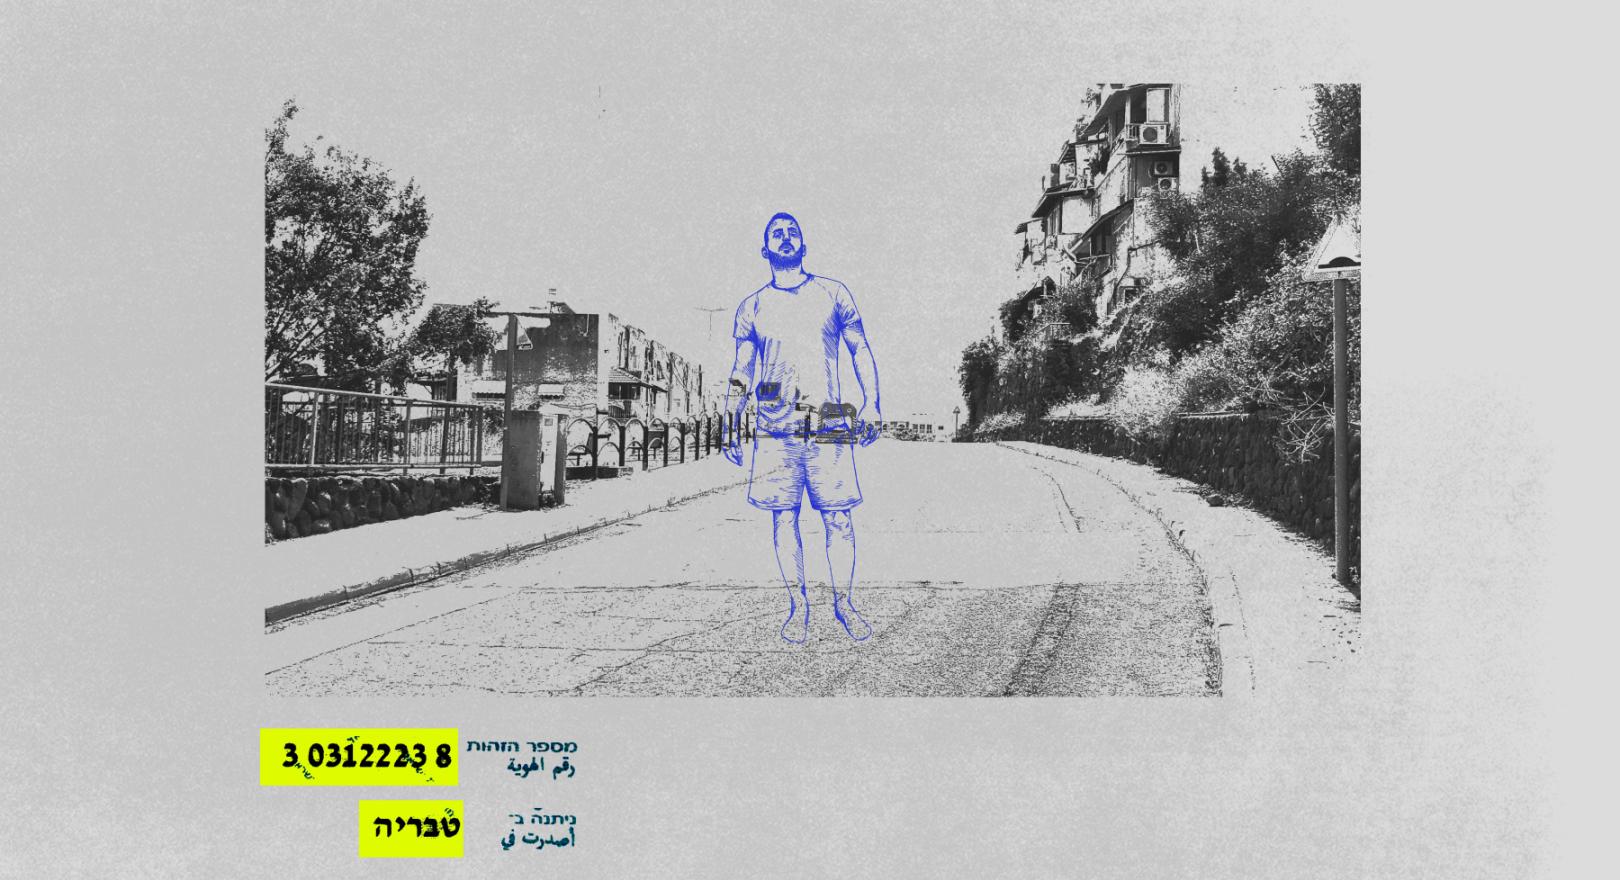 אור קטן 7 - המרכז האקדמי ויצו חיפה